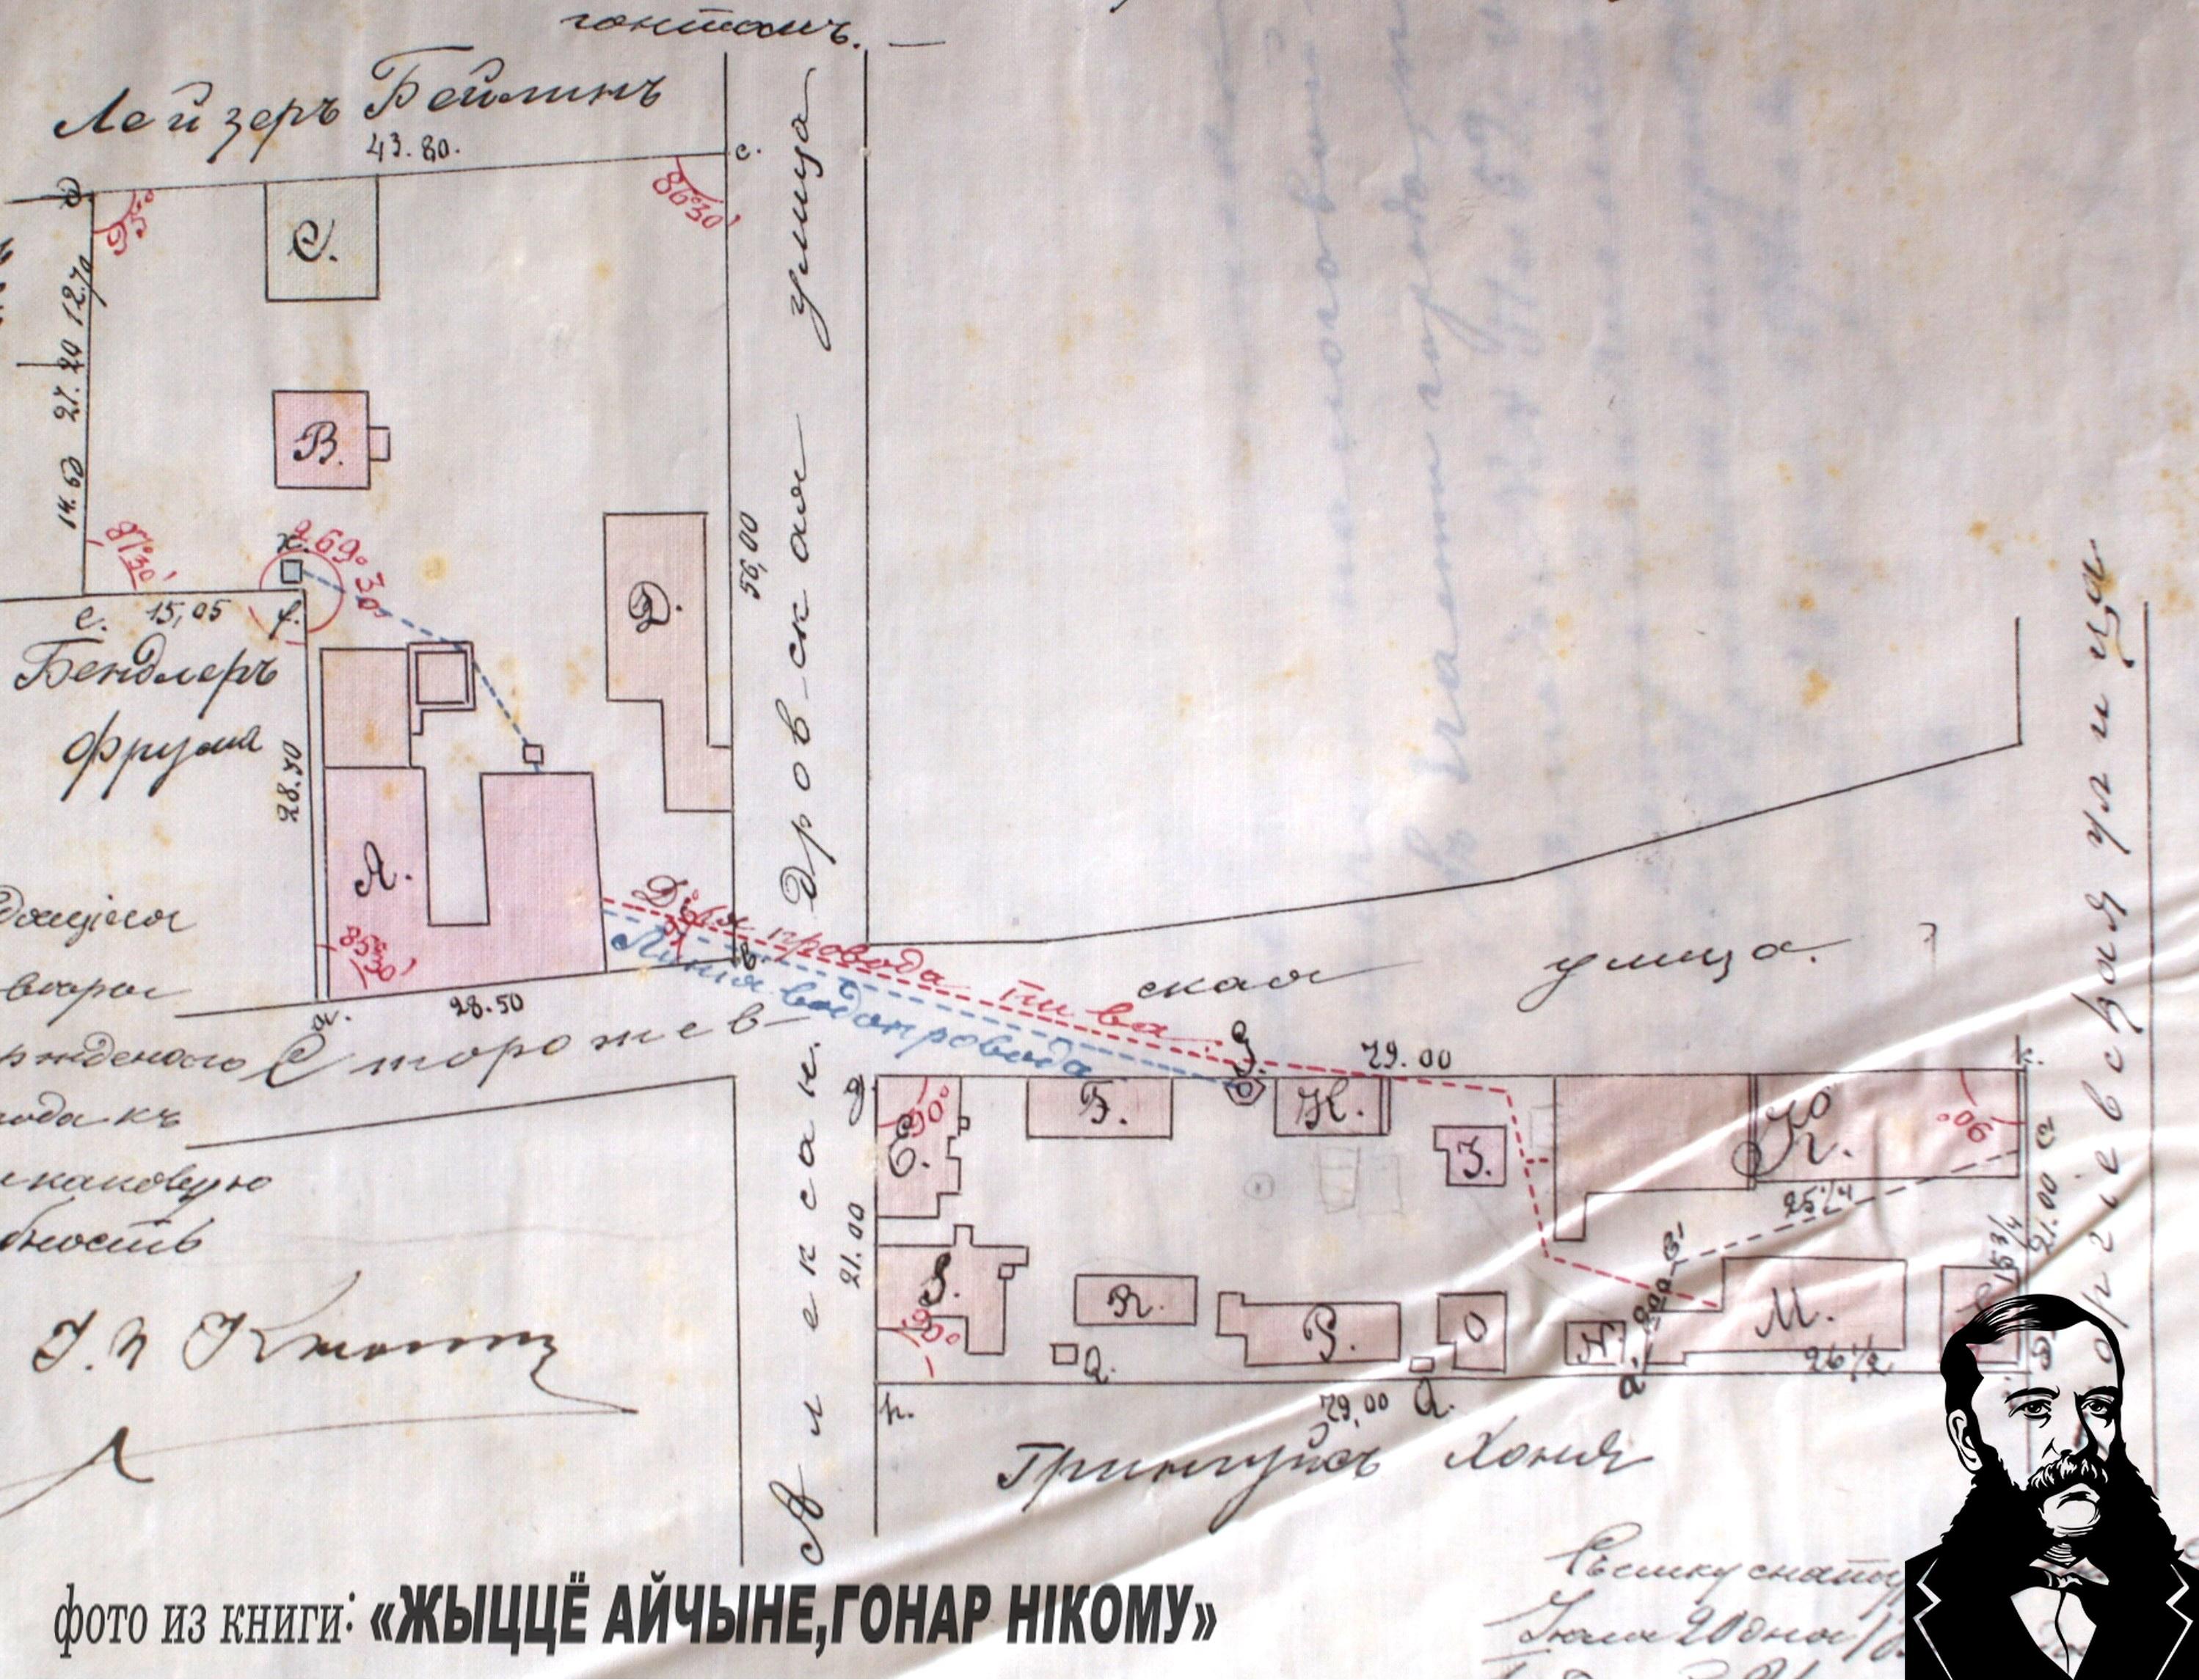 Участки, принадлежащие К.Чапскому, 1894 год. Фото из книги